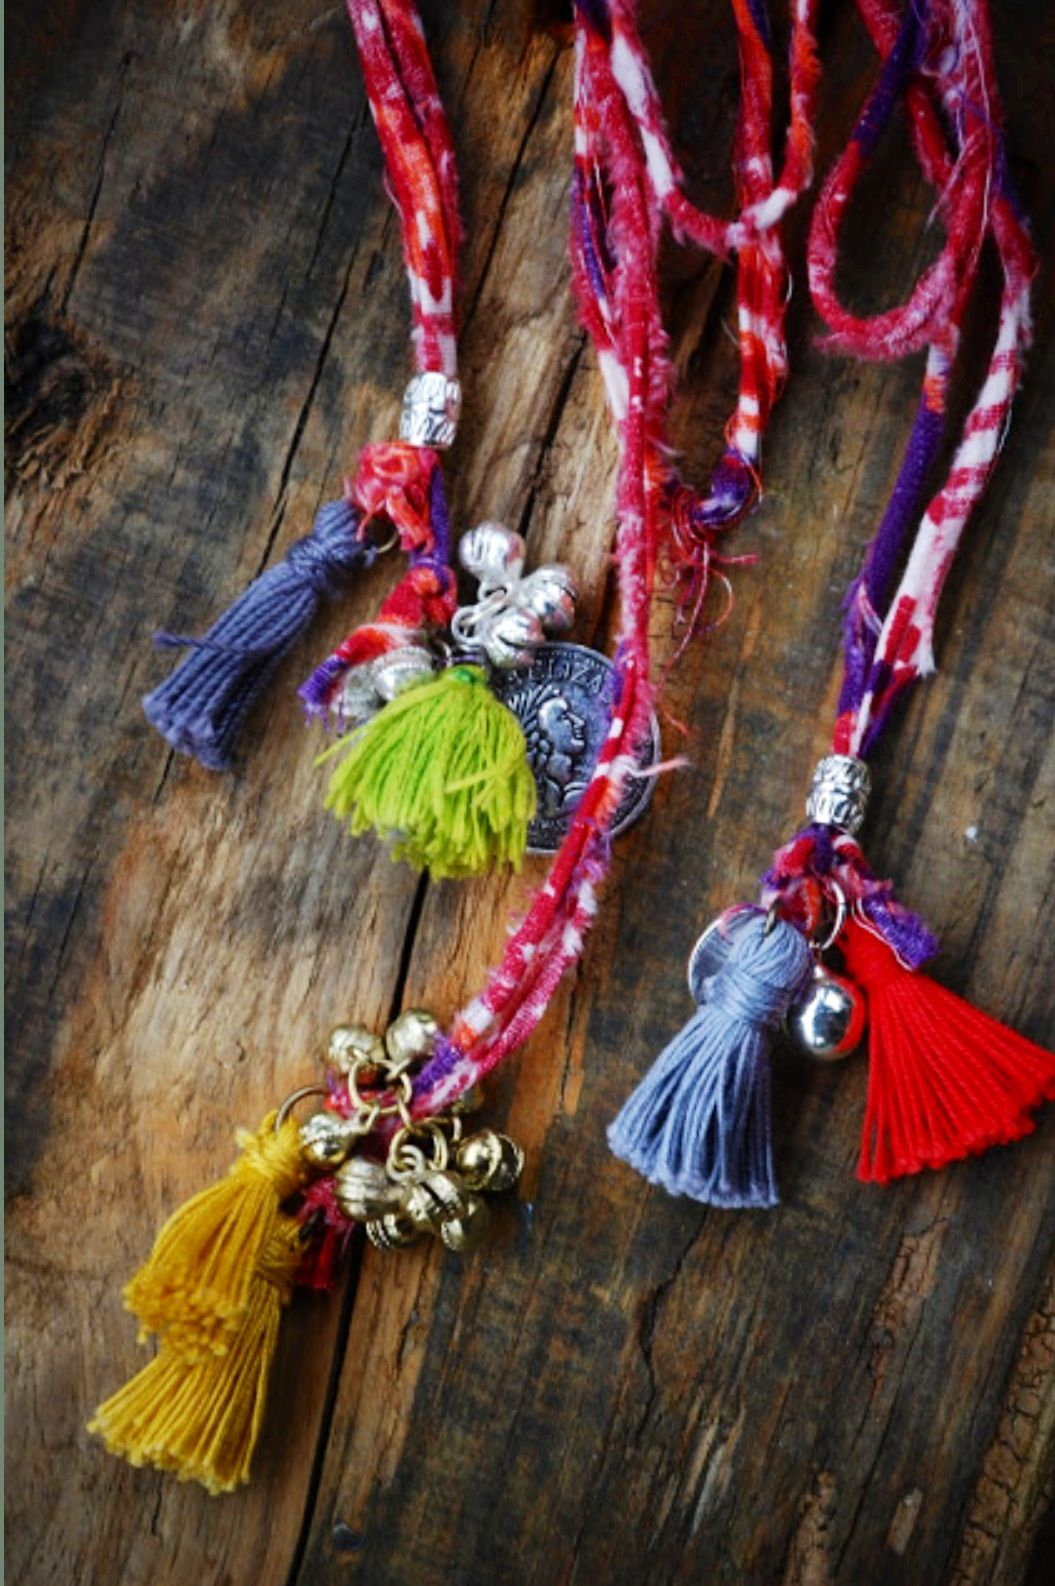 Retrouvez tout plein de pompons de toutes les couleurs et de toutes les tailles avec les accessoires textiles de Perles & Co ici : http://www.perlesandco.com/Mercerie_Custo_Accessoires_textile-c-2629_199.html